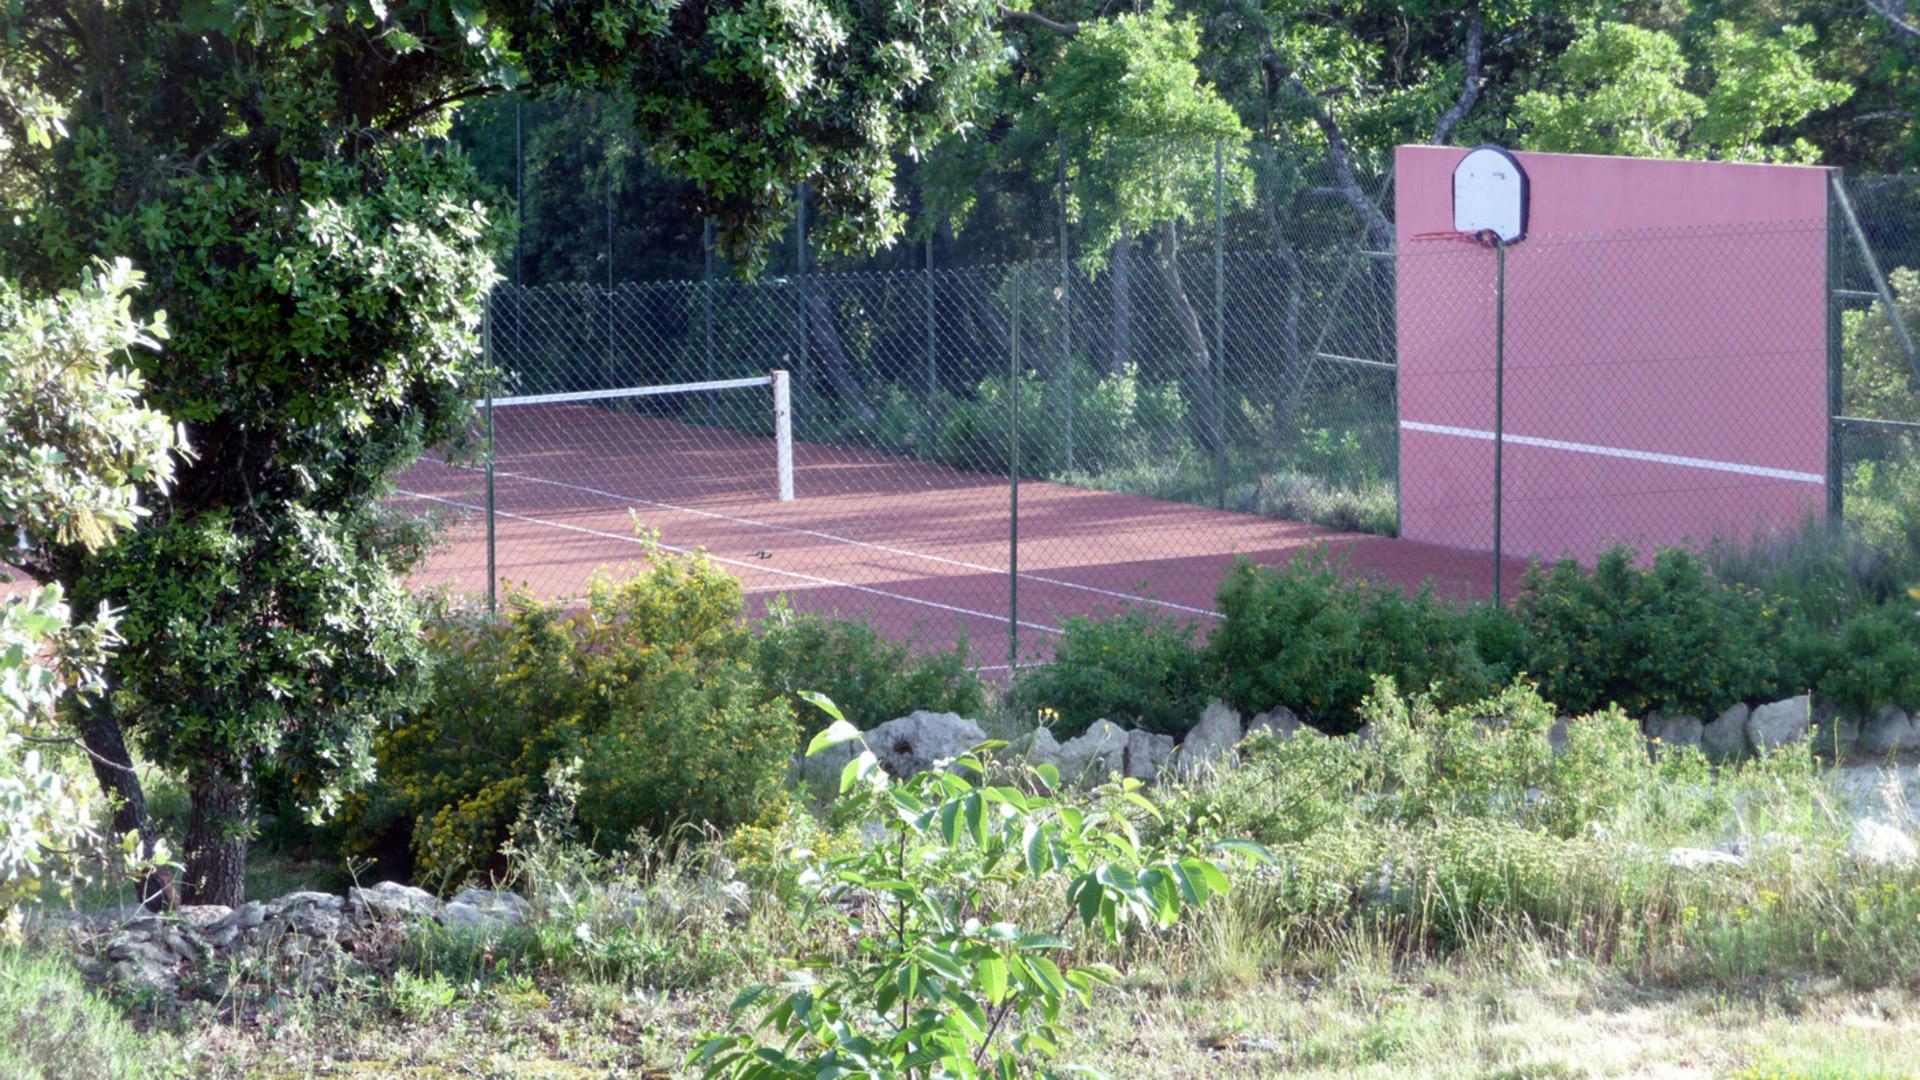 Exceptionnel domaine privé avec 2 maisons et tennis proche de Gordes